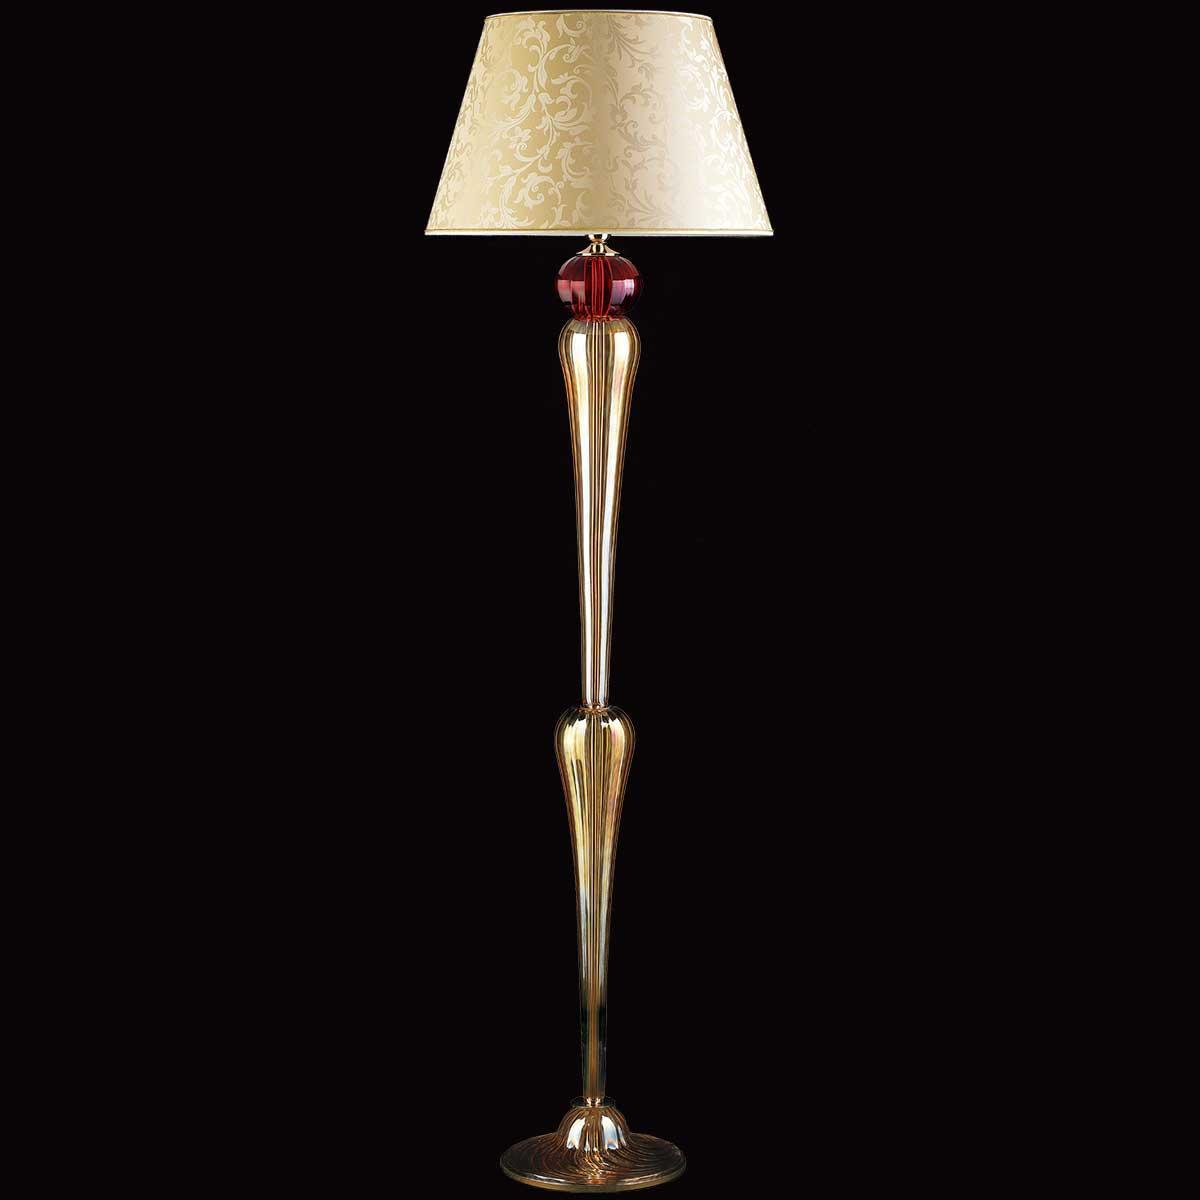 """""""Panegirico"""" lampara de araña de Murano - 1 luce - ámbar y rojo"""